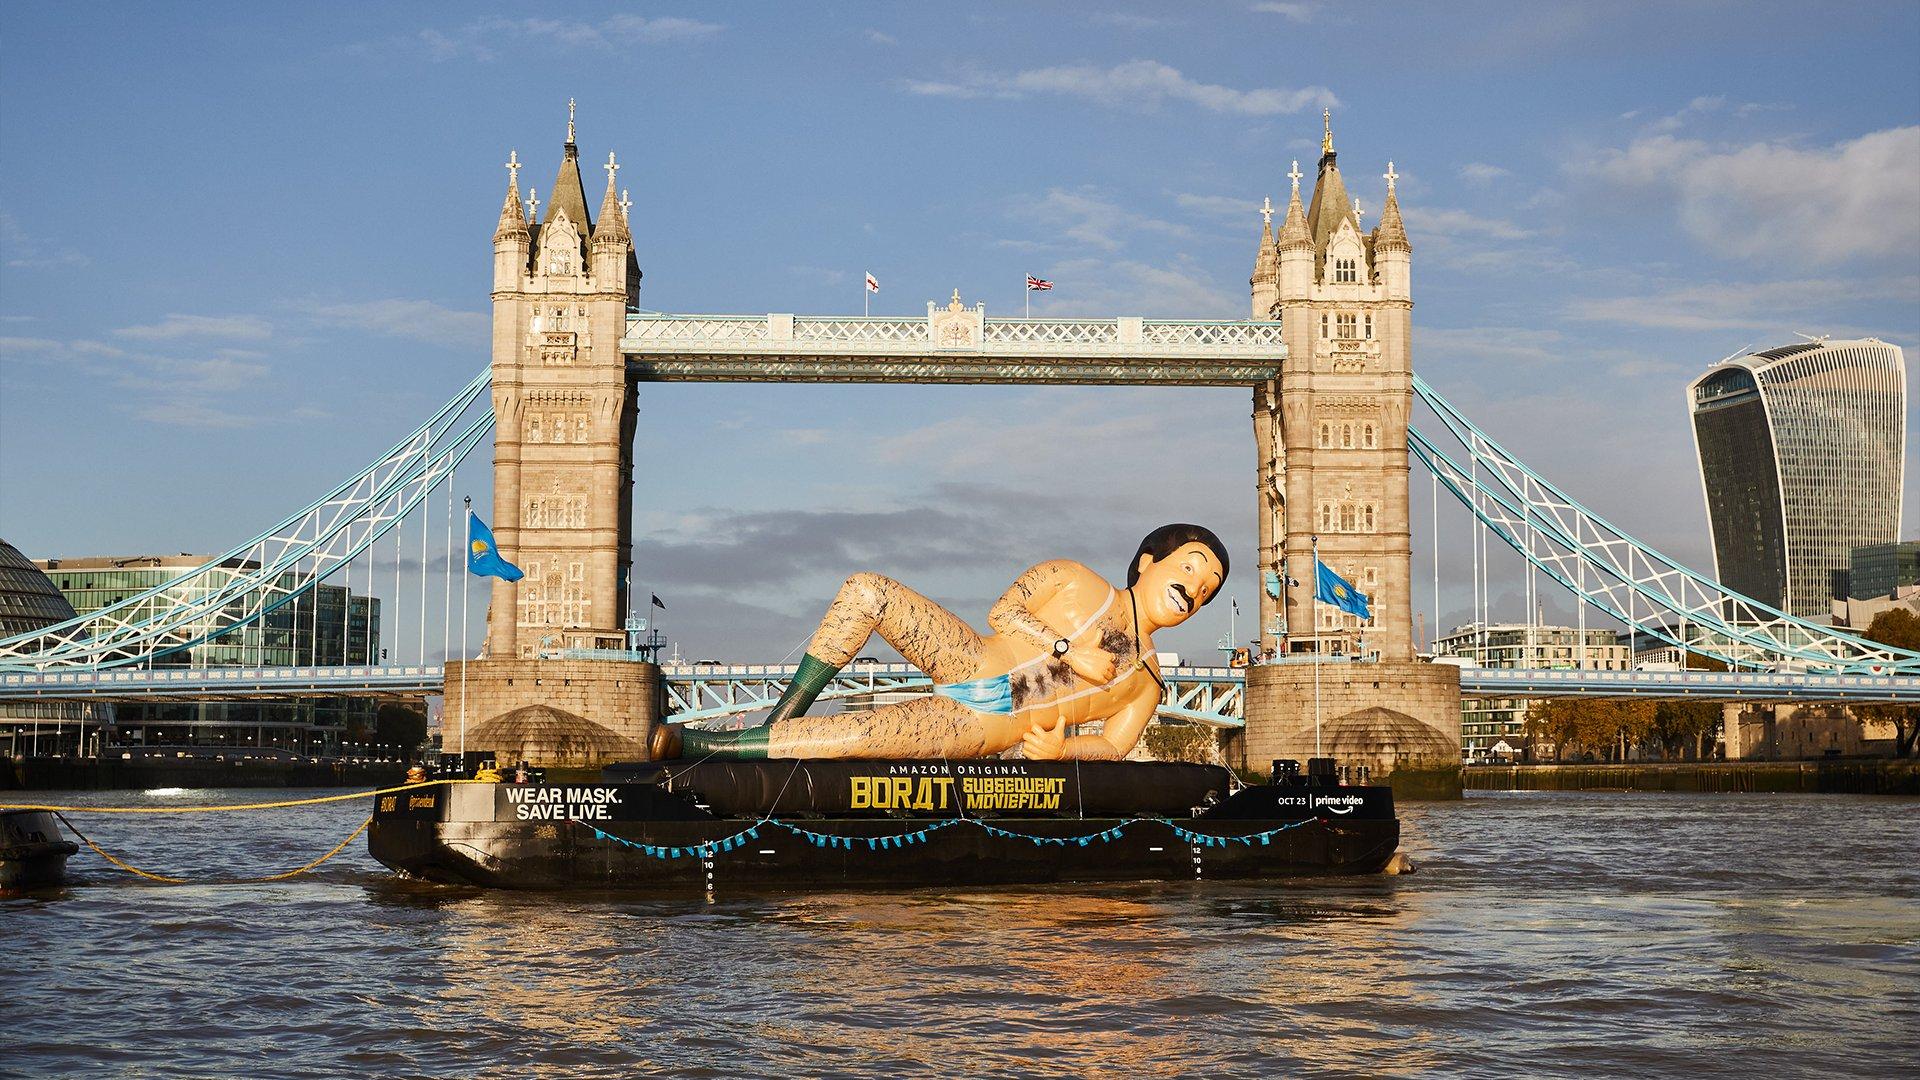 Надувной ипочти голый: огромный Борат проплыл порекам вЛондоне, Нью-Йорке иТоронто